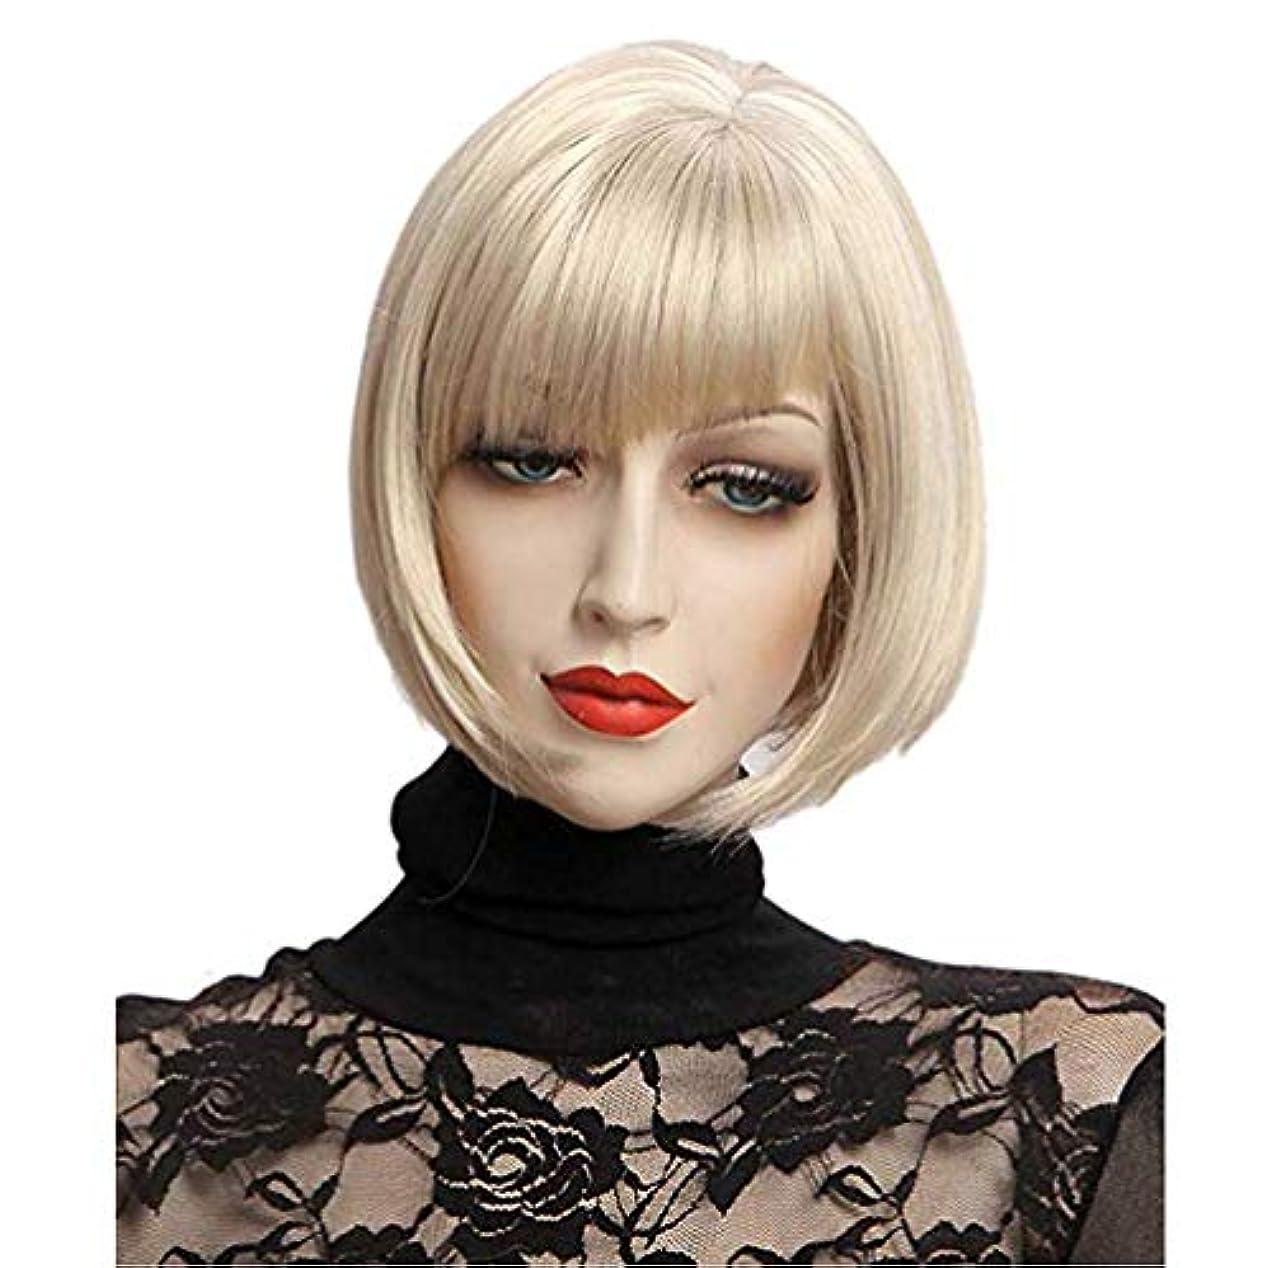 インシデント振りかける百万女性合成ボブショートウィッグカラー耐熱コスプレパーティーヘアウィッグ30cm